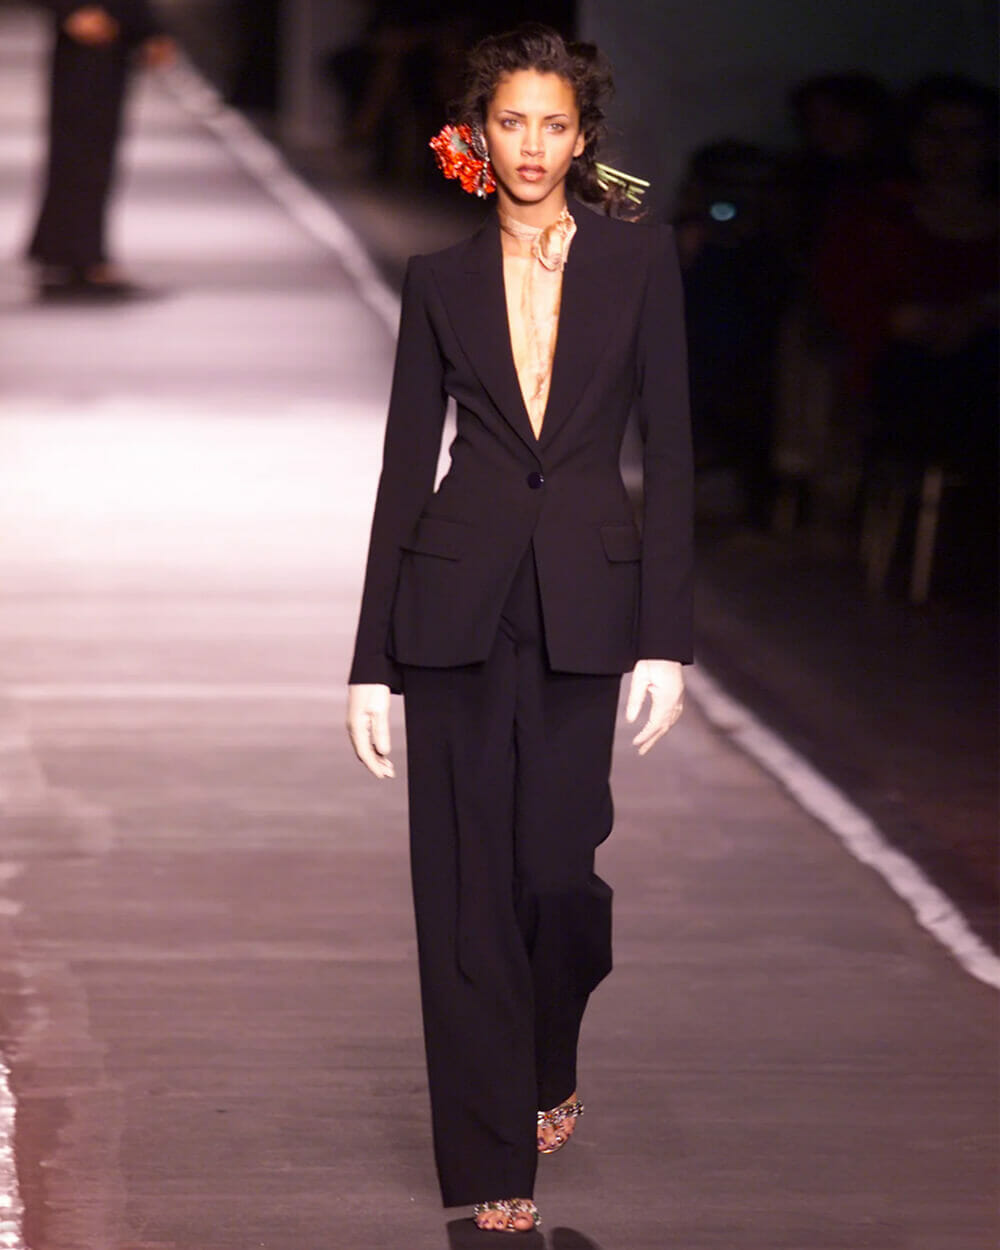 Yves Saint Laurent 'Le Smoking' suit